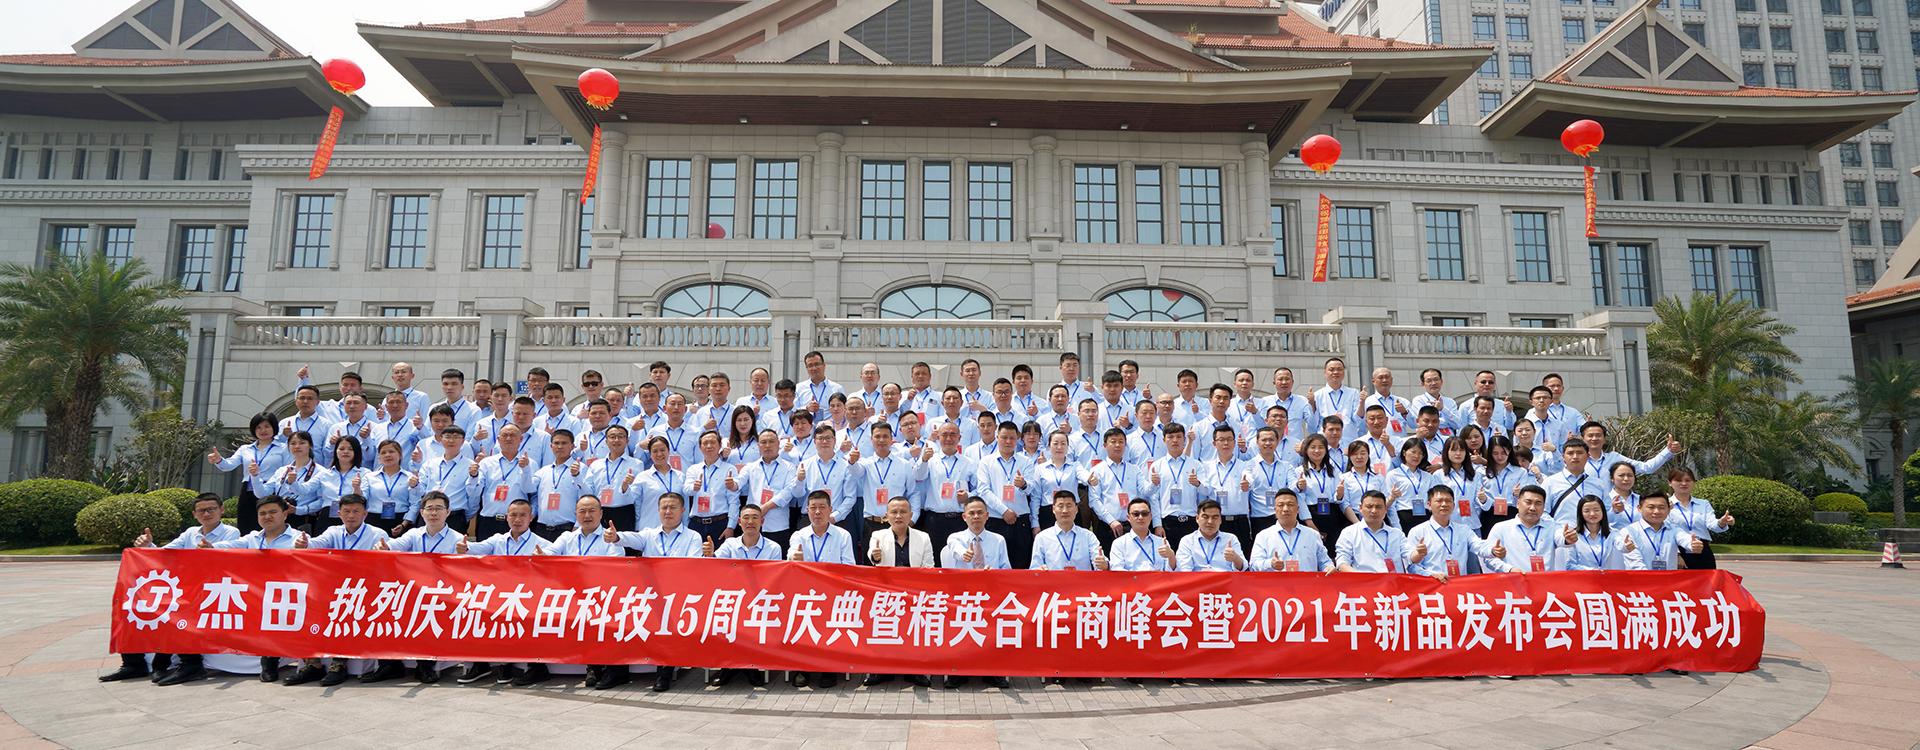 慶祝杰田(tian)科(ke)技15周年慶典(dian)暨精(jing)英合作商(shang)峰會暨2021年新品發布隆重召開(kai)